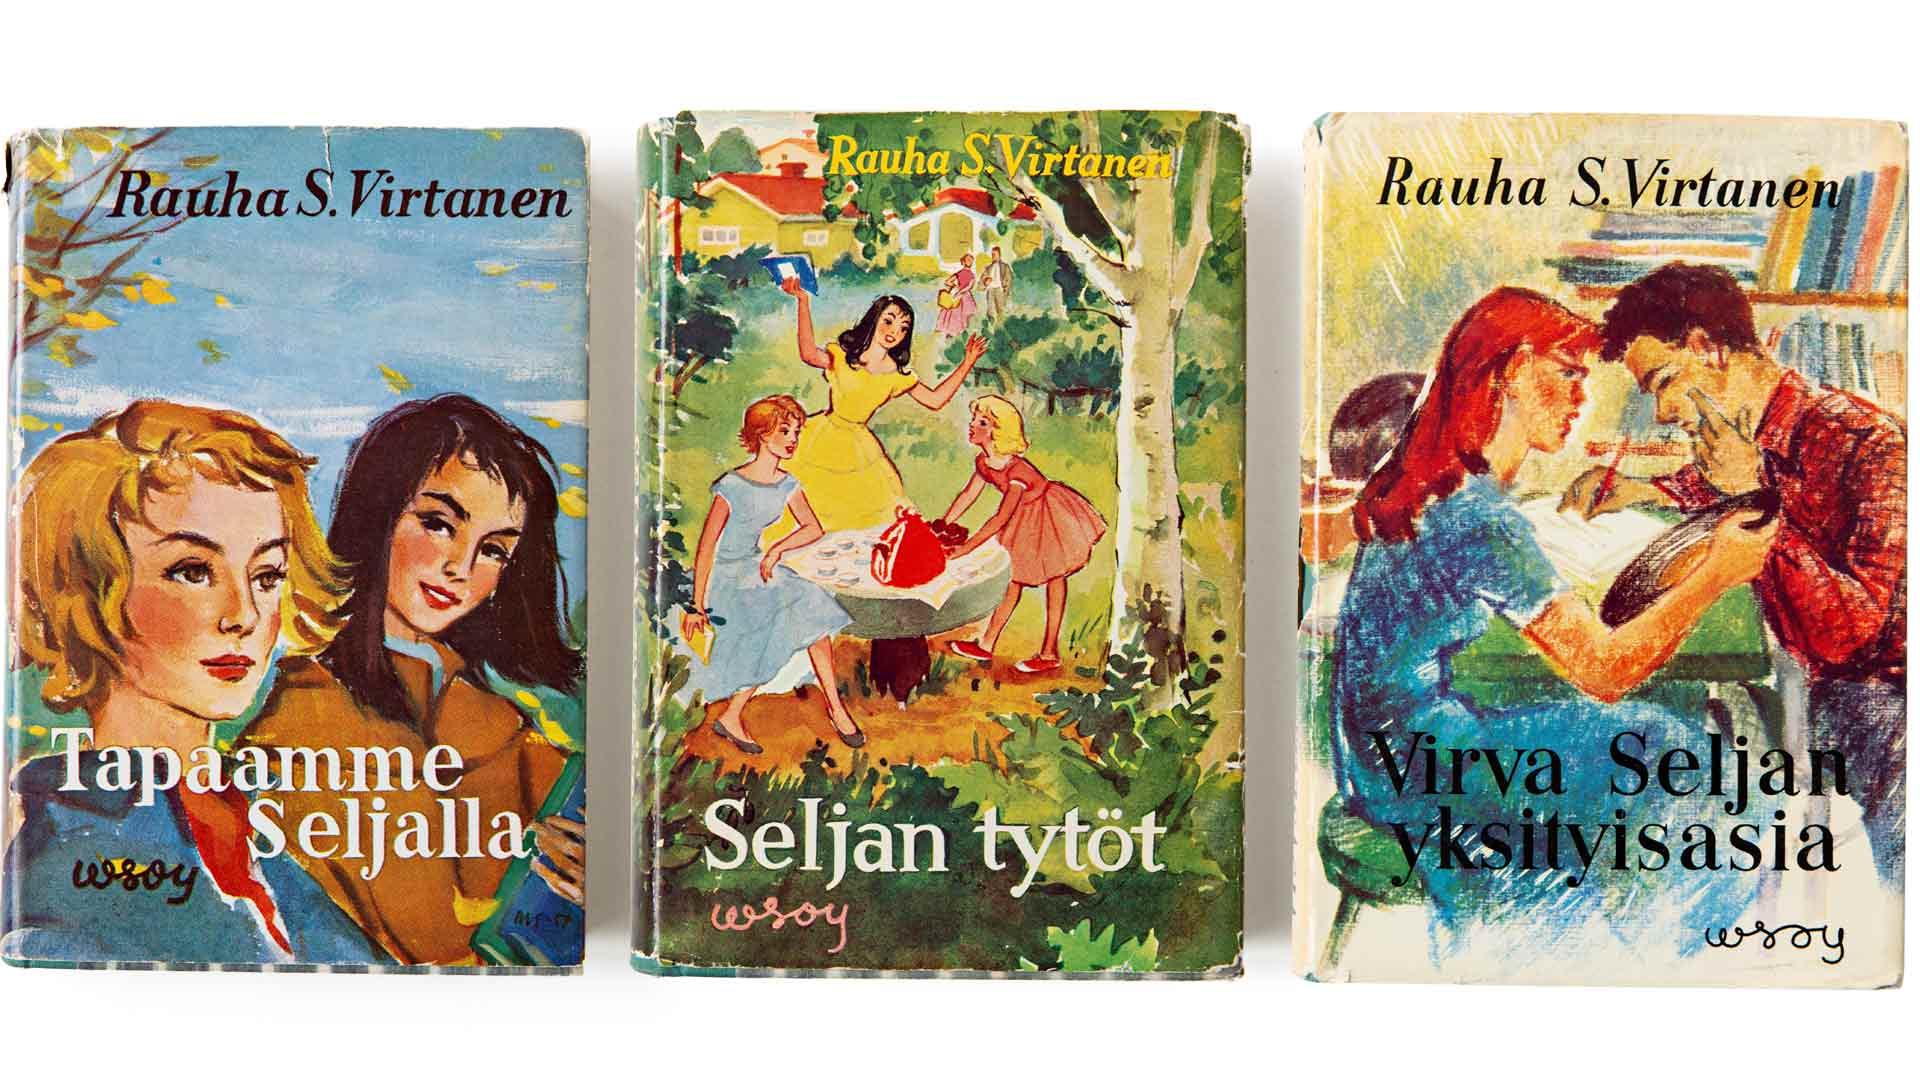 Rauha S. Virtanen: Selja-kirjat (Seljan tytöt 1955, Tapaamme Seljalla 1957, Virva Seljan yksityisasia 1960, Tuntematon Selja 1964 WSOY)